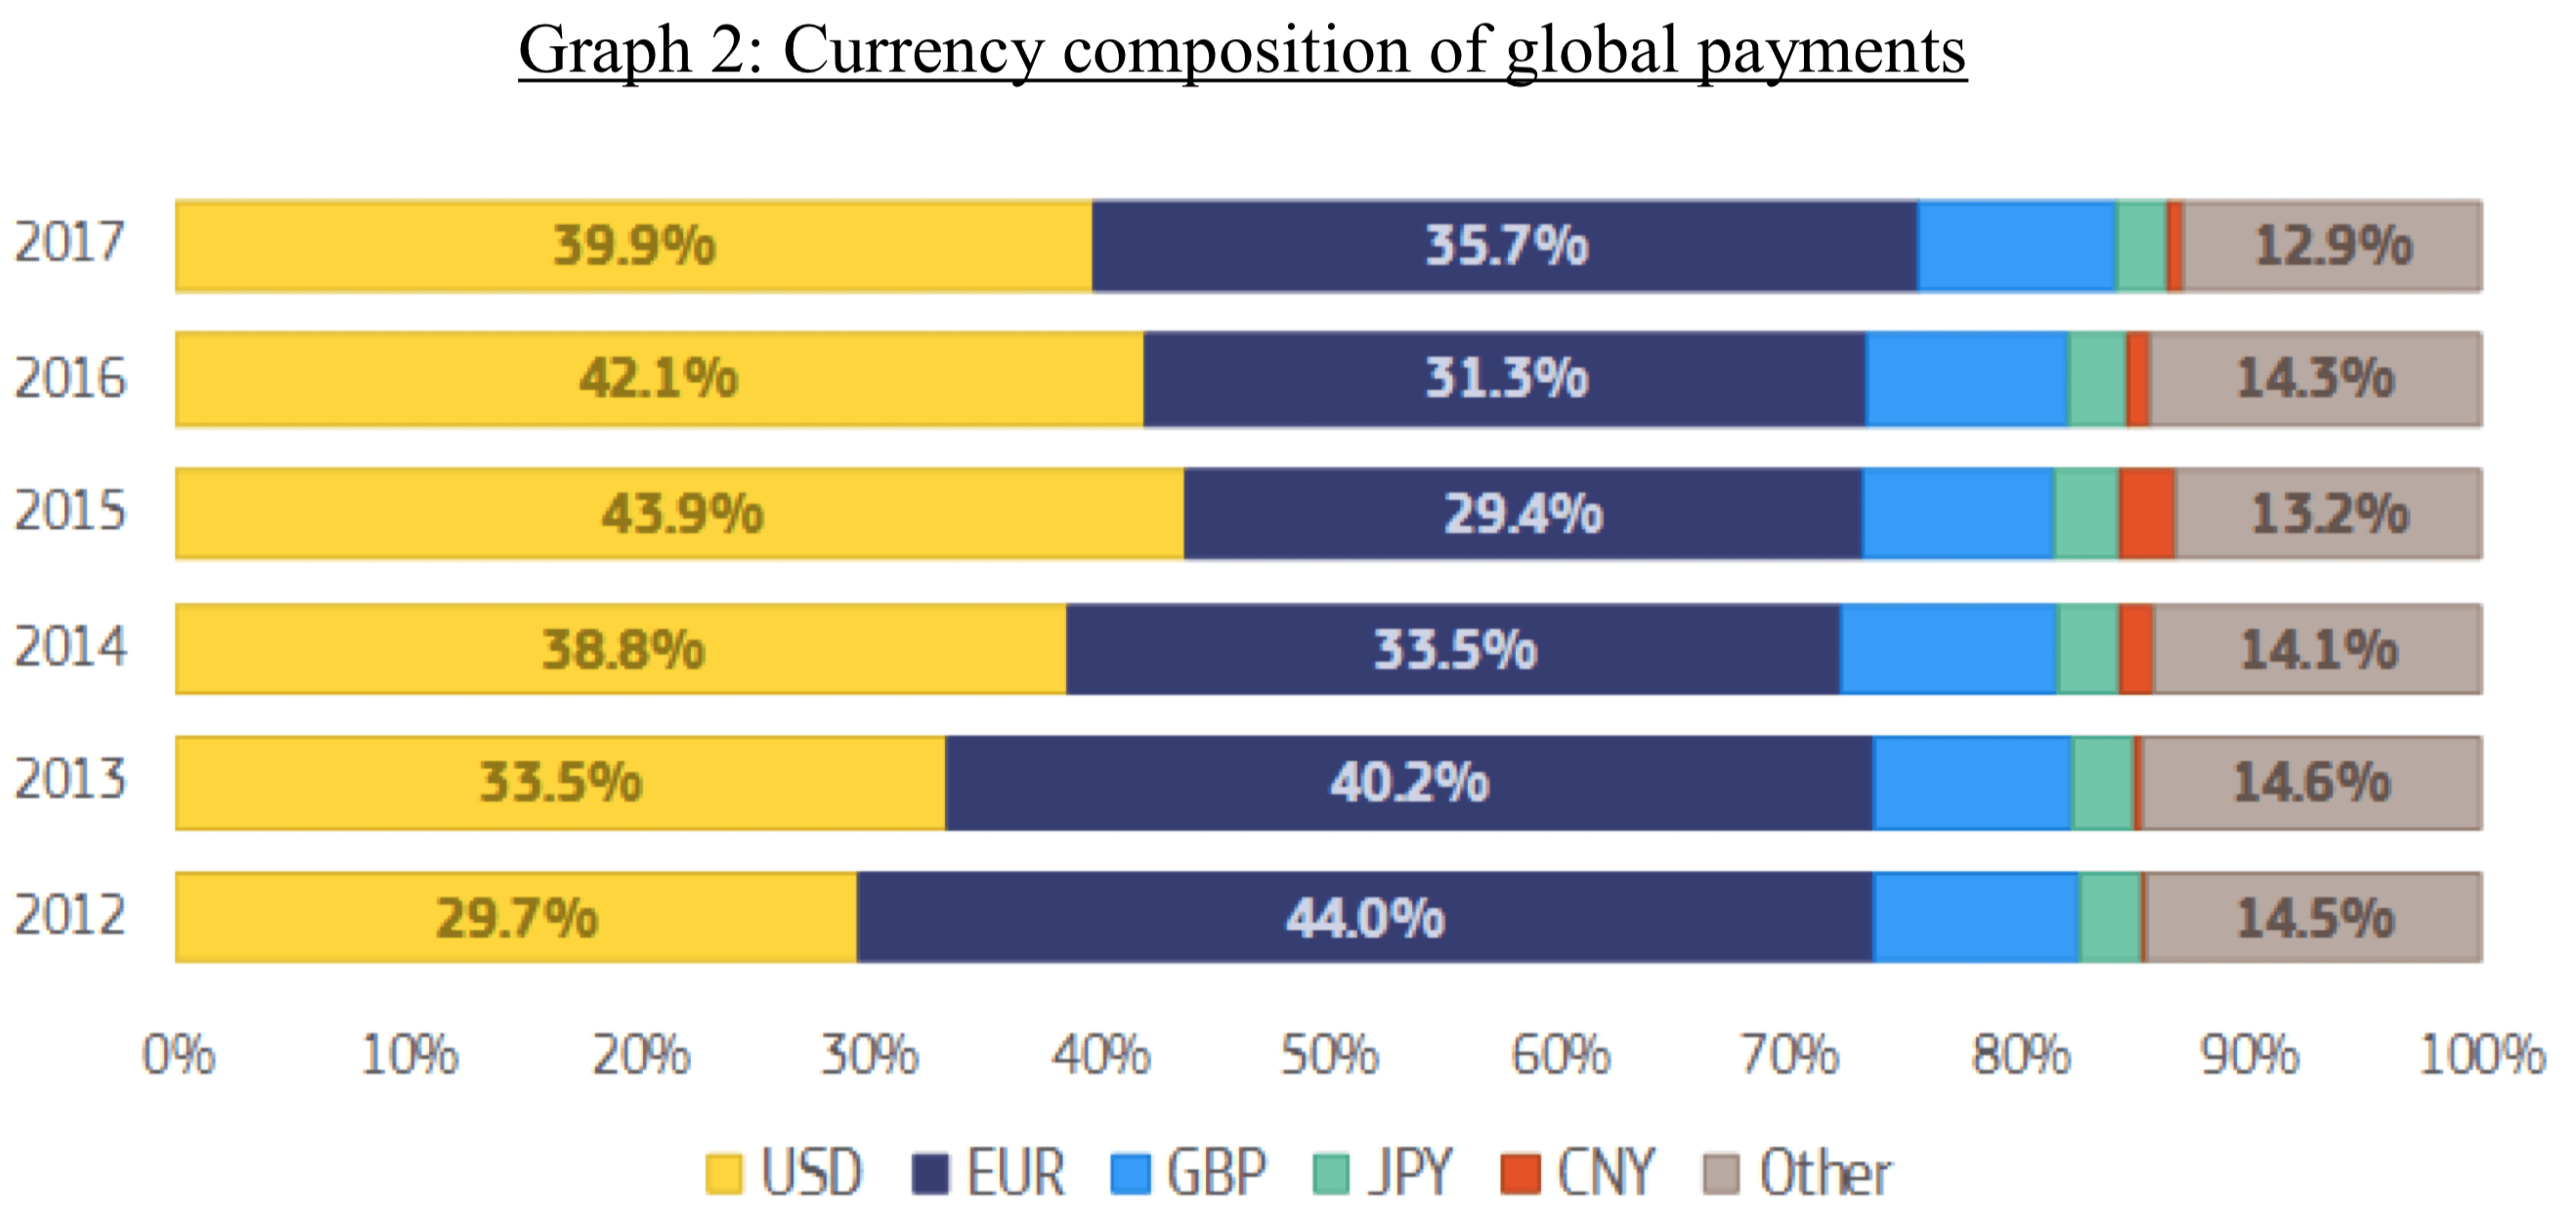 Валютный состав глобальных платежей